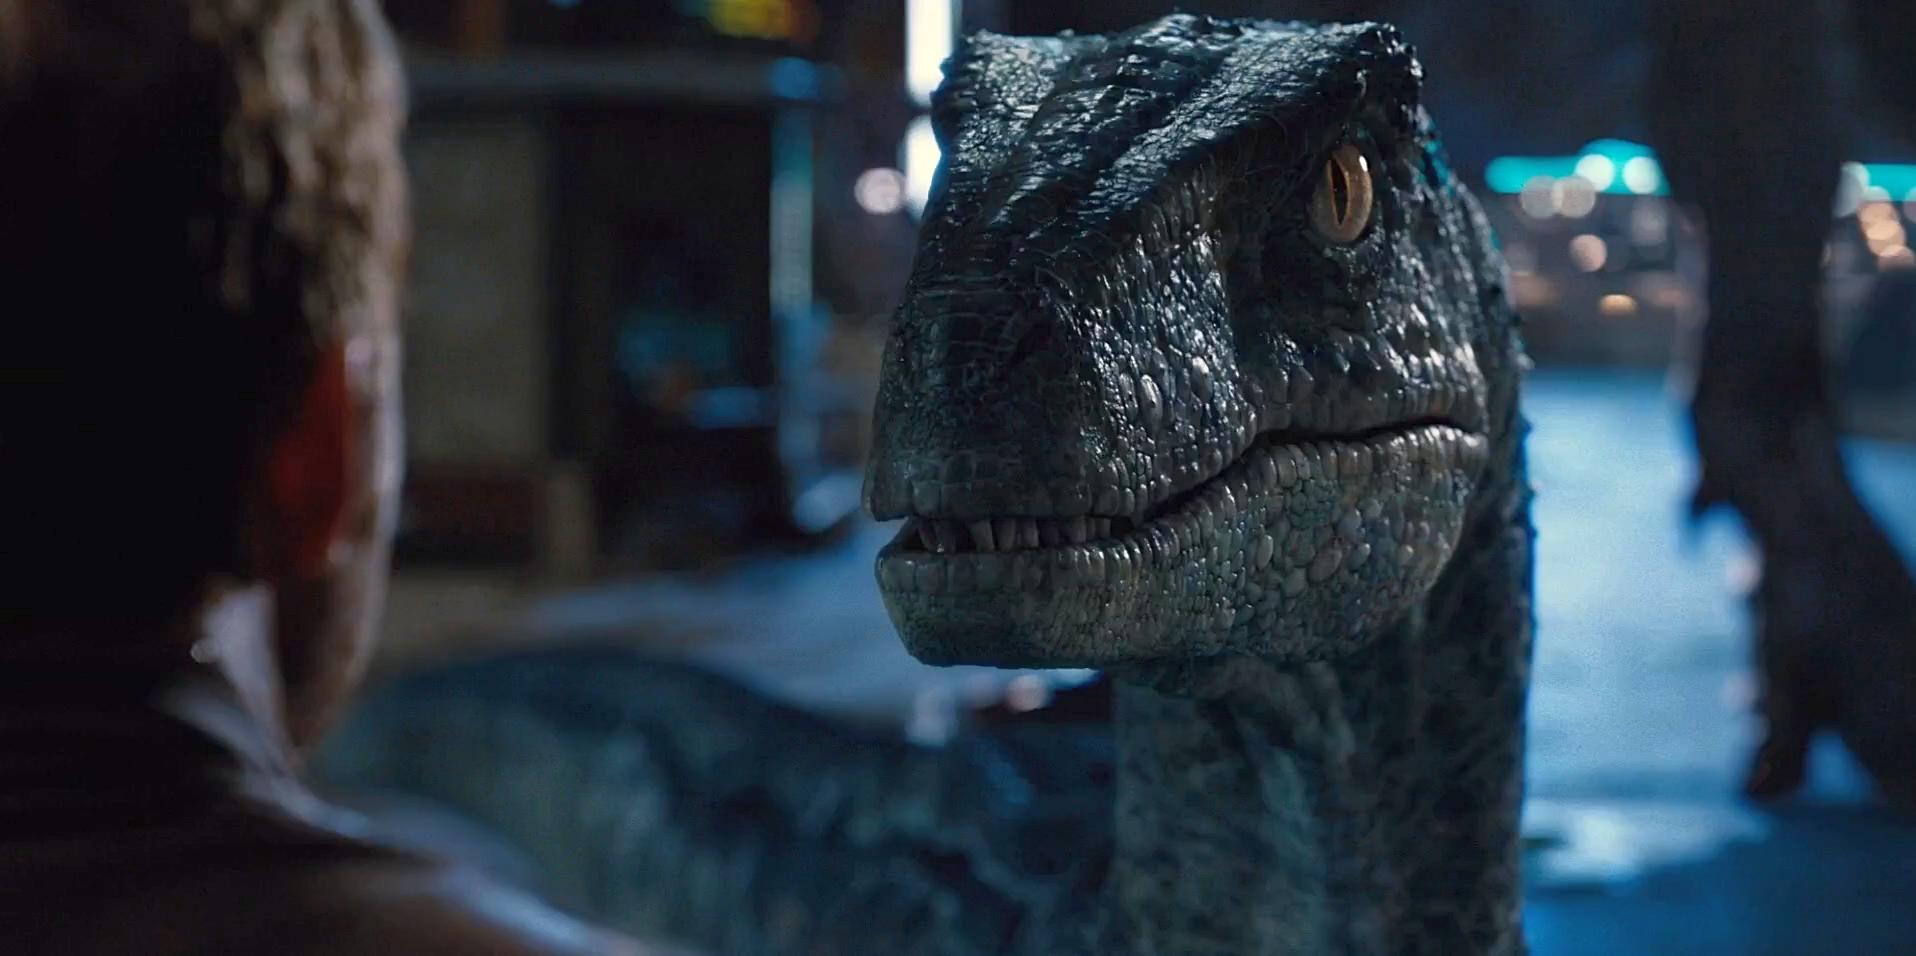 Velociraptors Jurassic World Dinosaurs Animals Movies Screen Shot